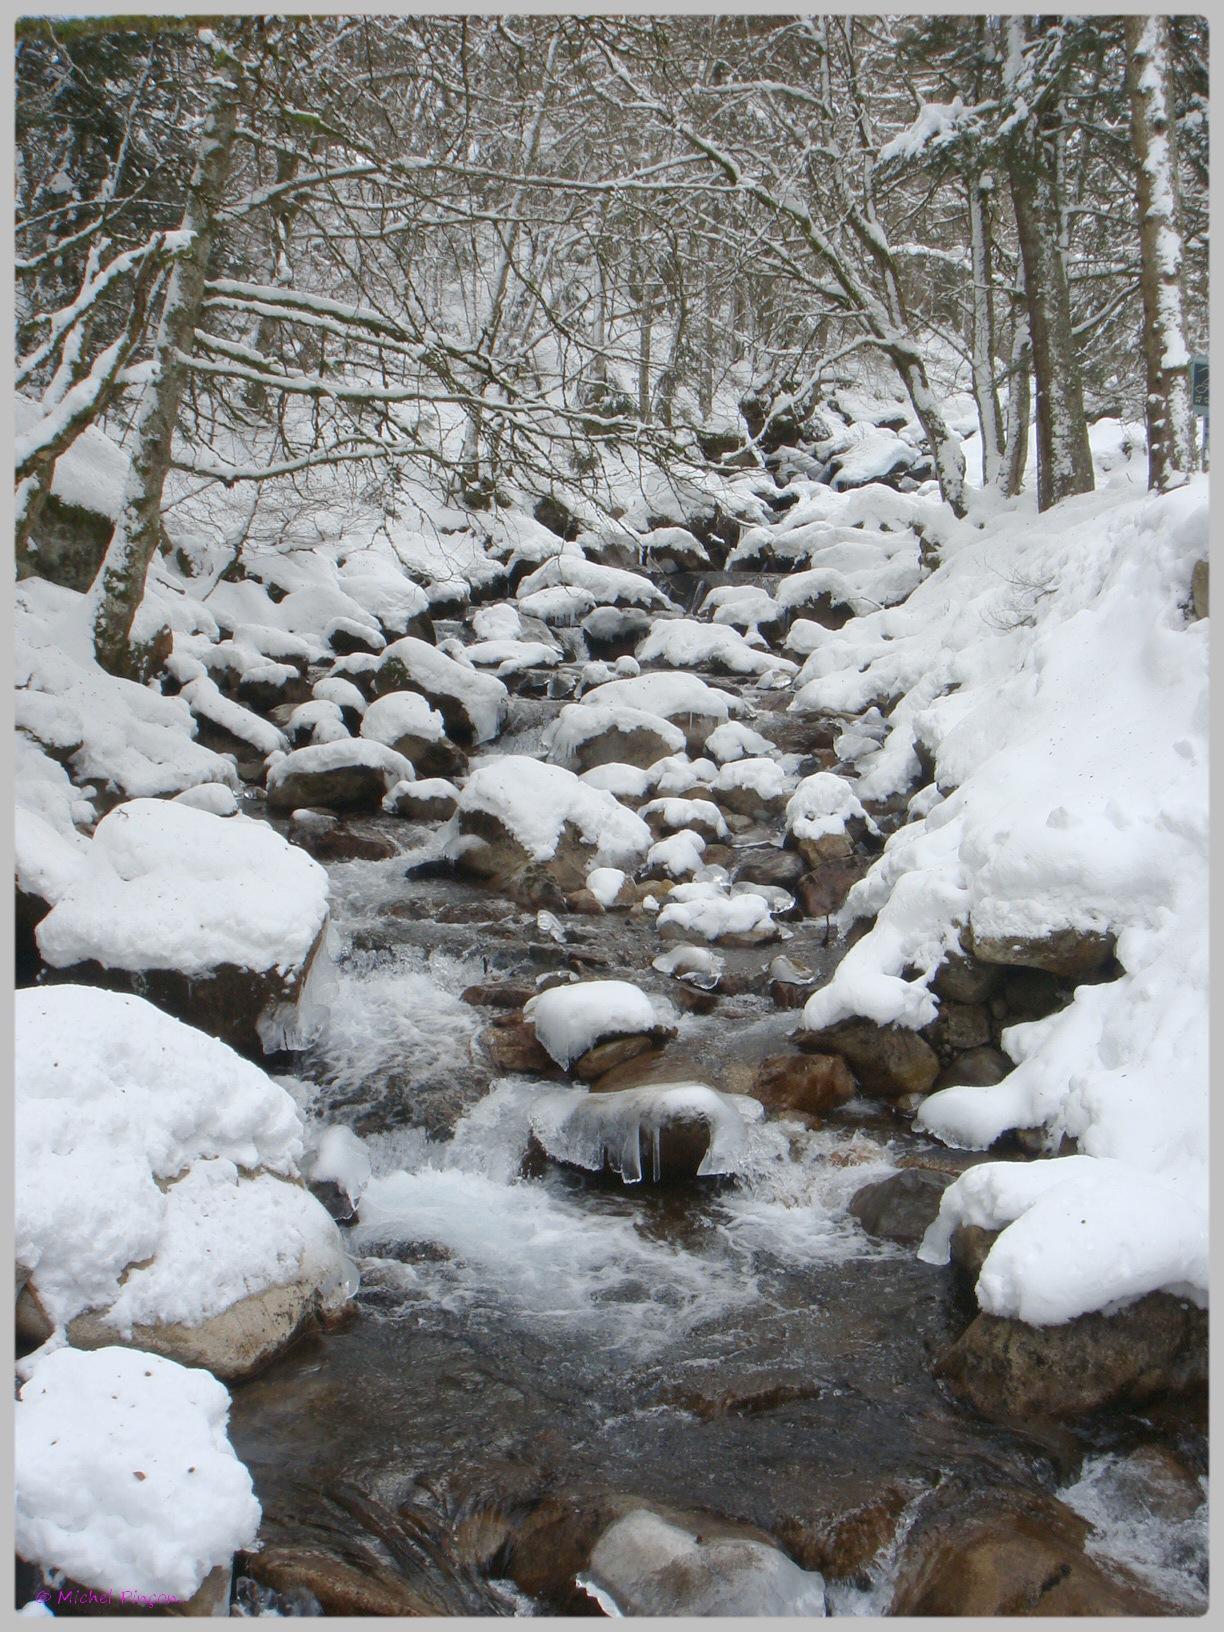 Une semaine à la Neige dans les Htes Pyrénées - Page 2 967598DSC011871